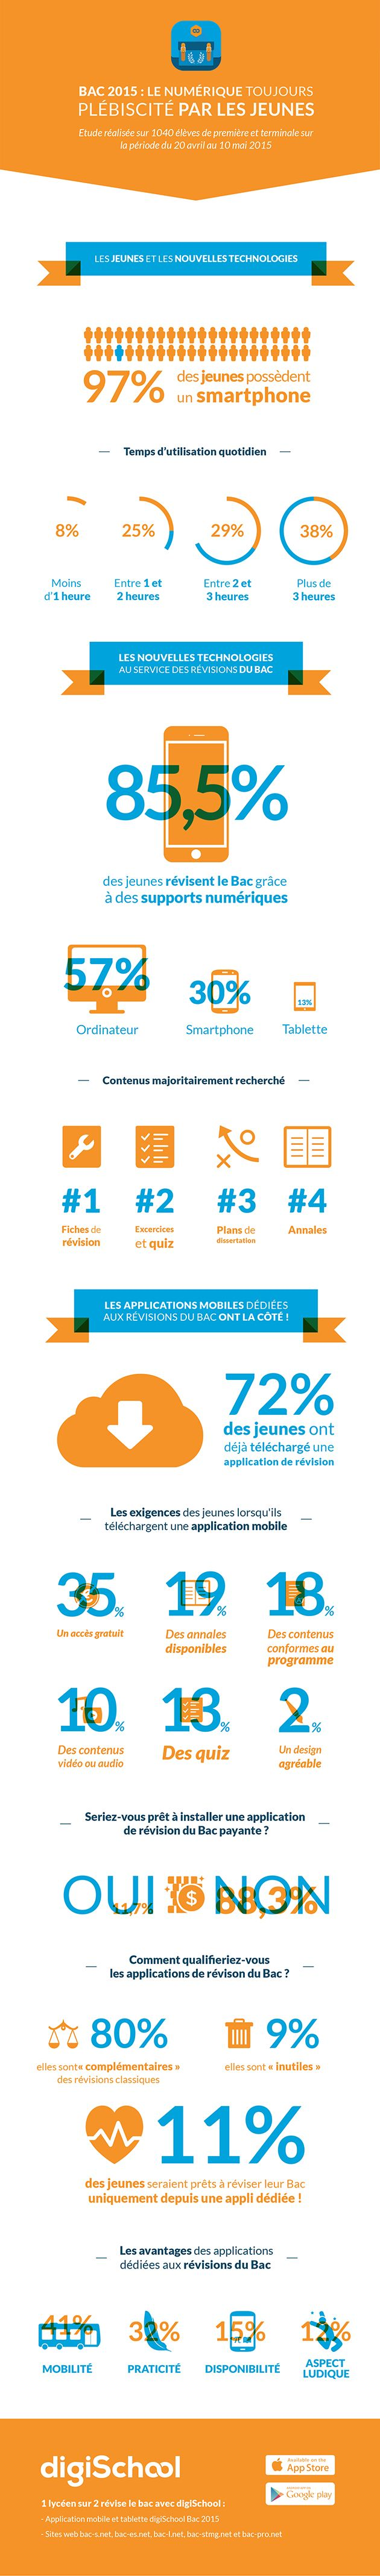 infographie bac numerique - étude Digischool